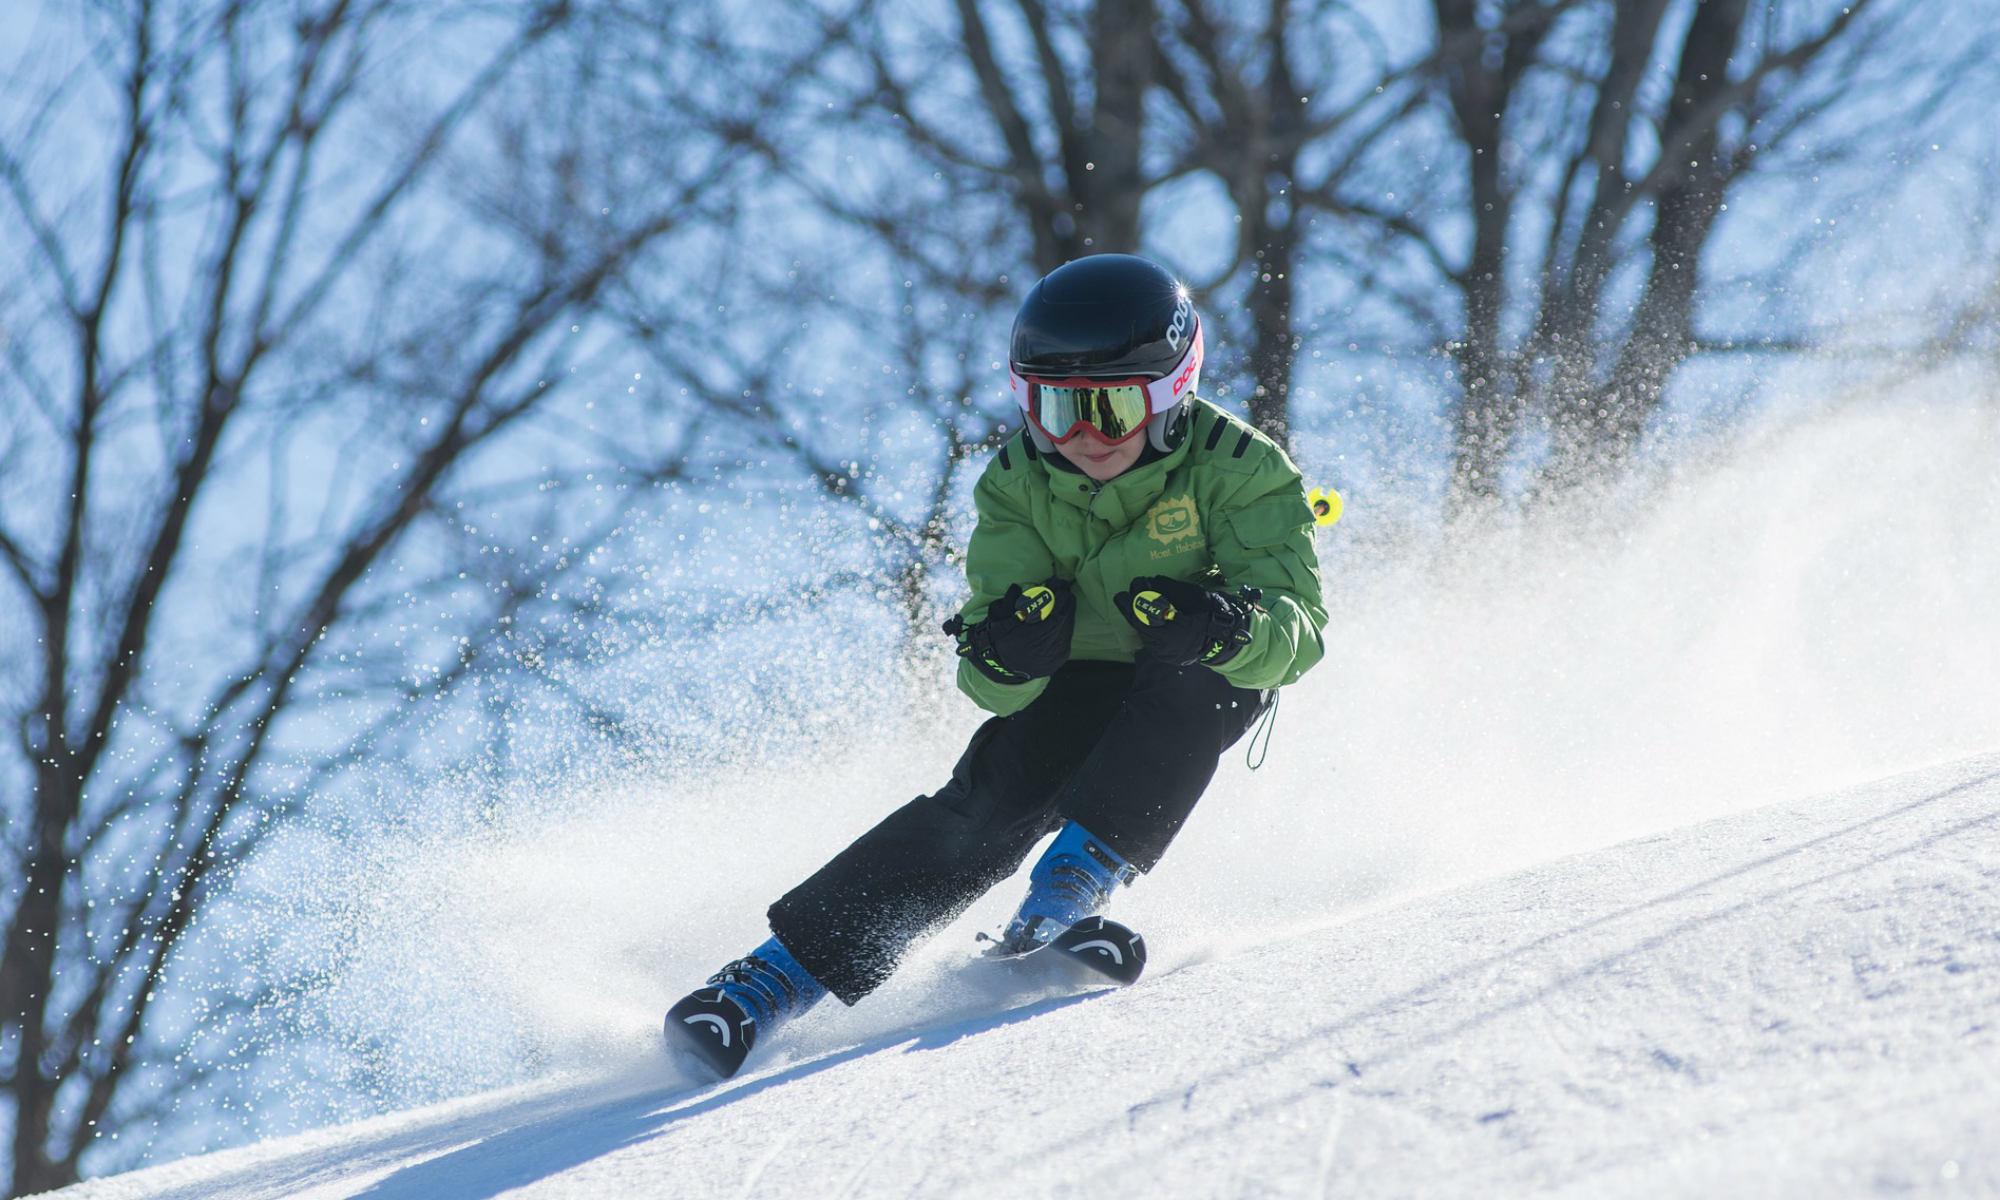 Un jeune skieur effectue un virage «carving».